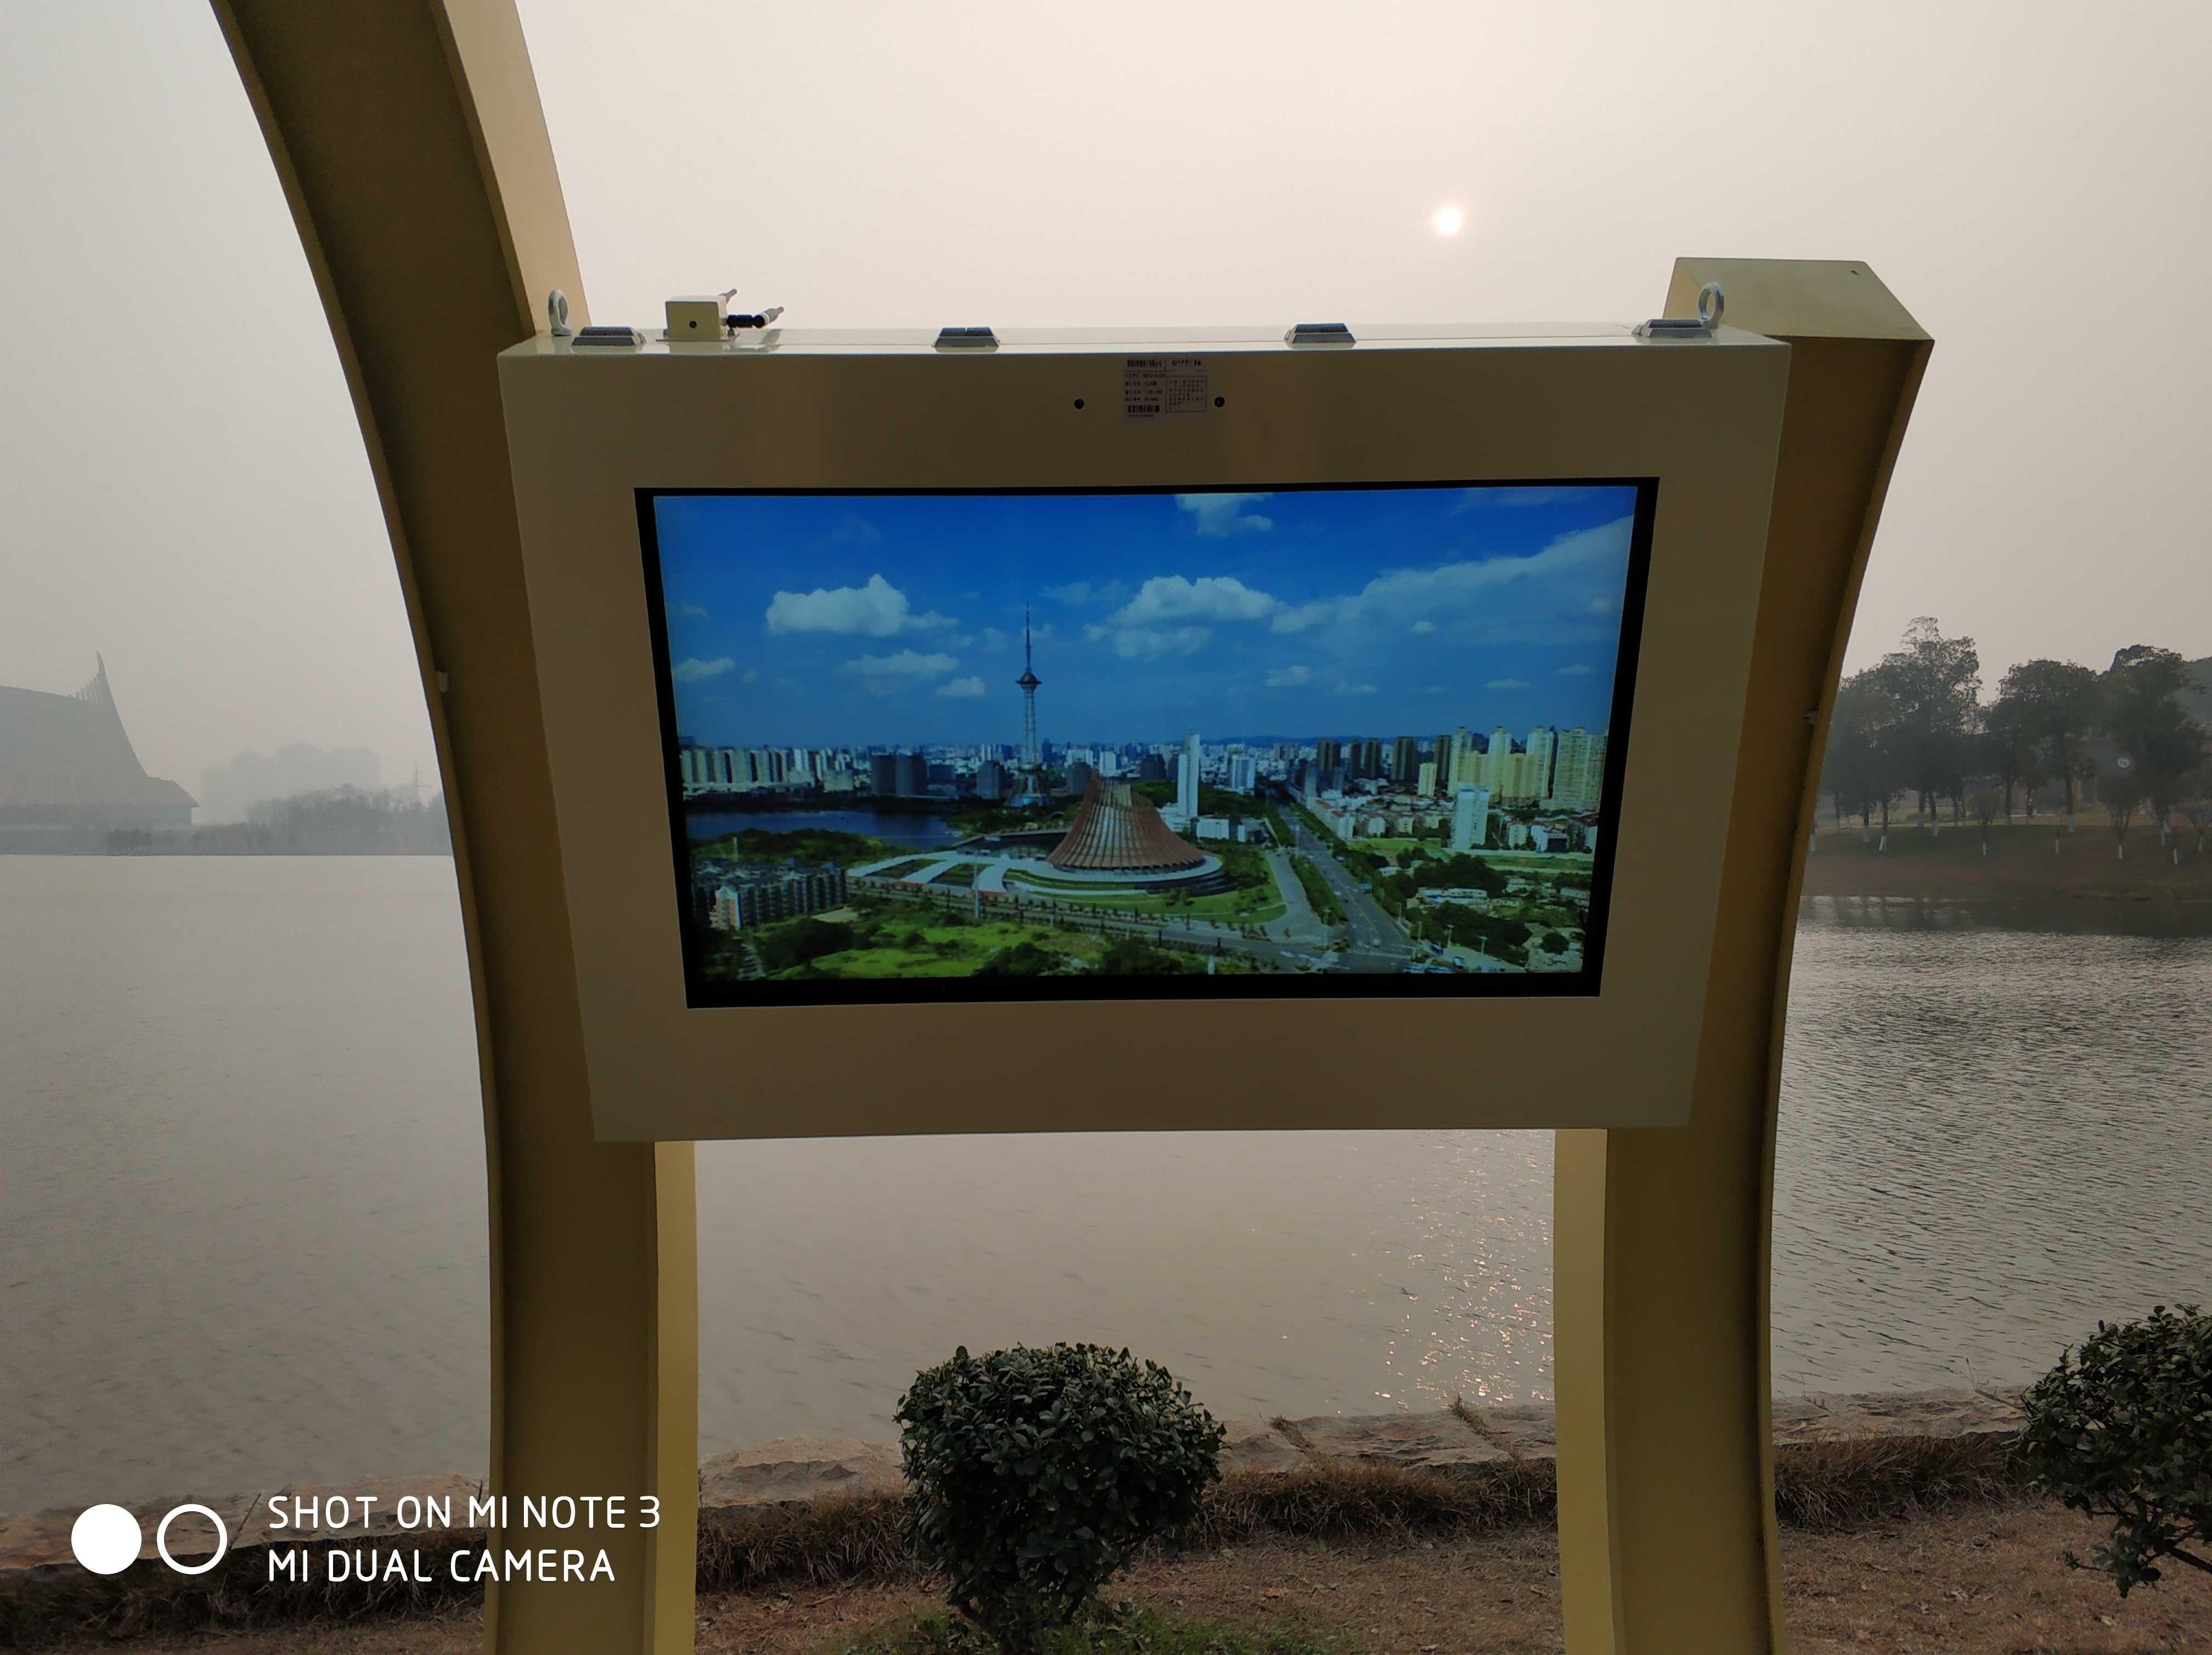 湖南省株洲市神龙湖主题公园文化走廊55寸 49寸户外广告机